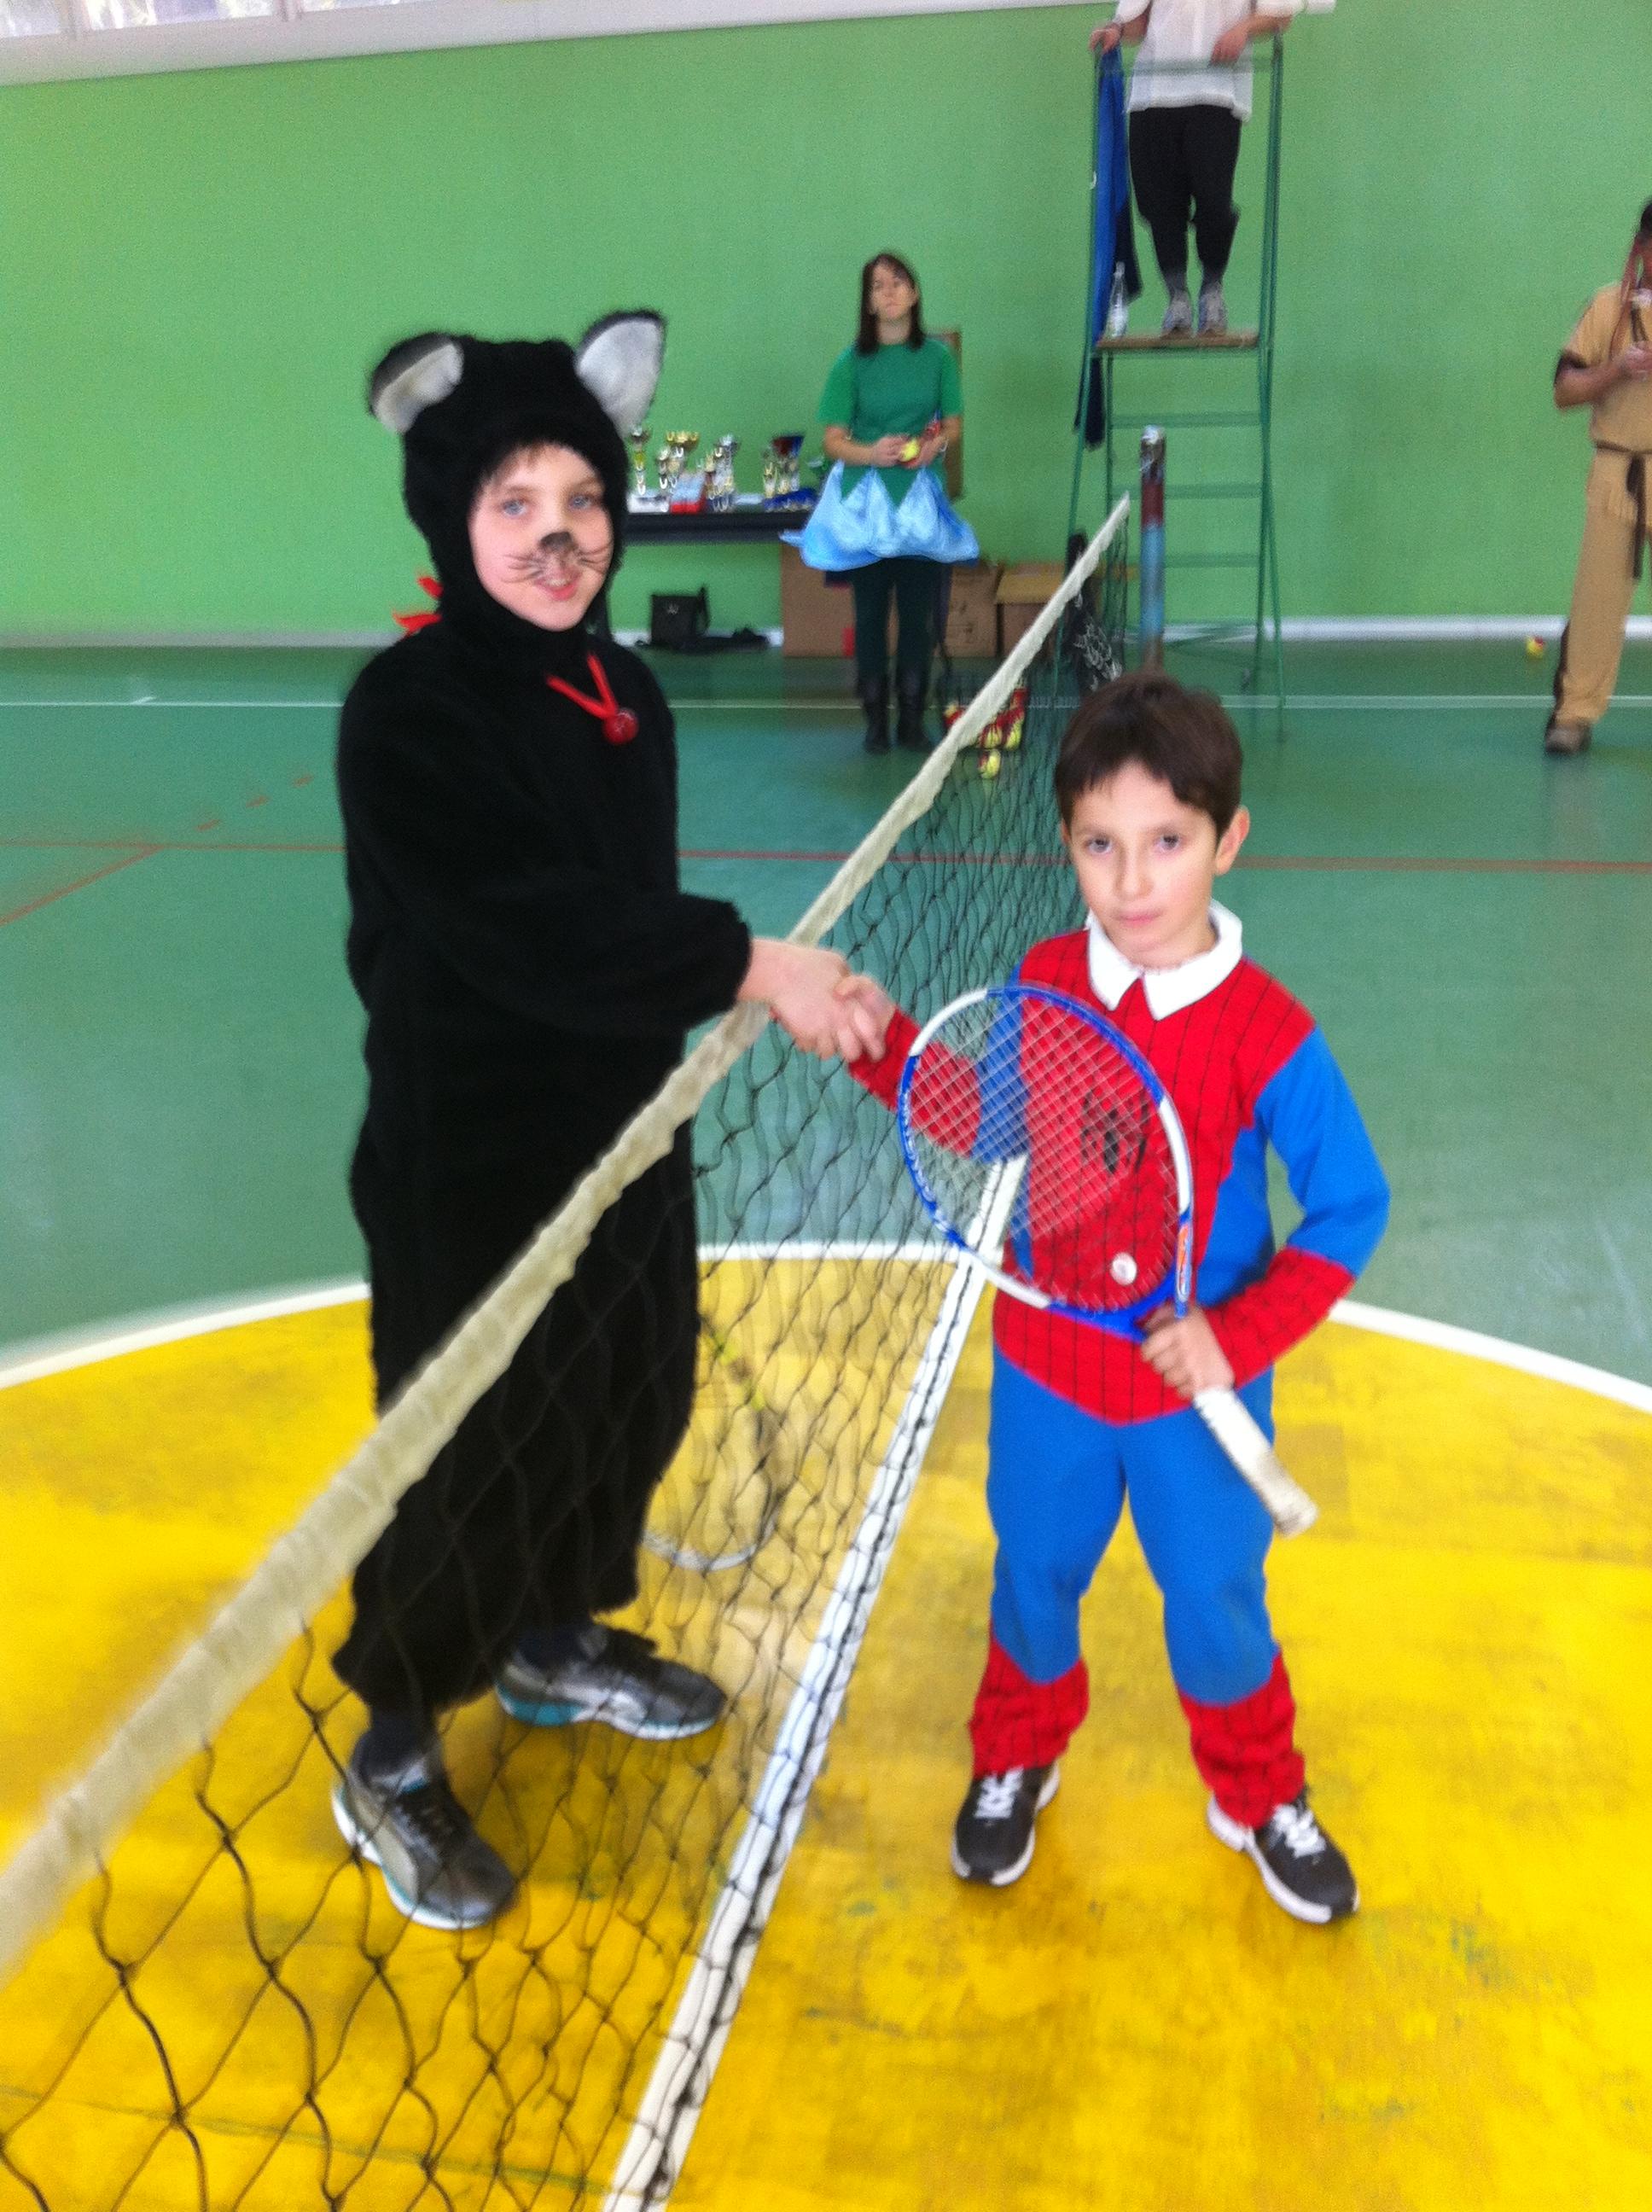 gattone & spiderman